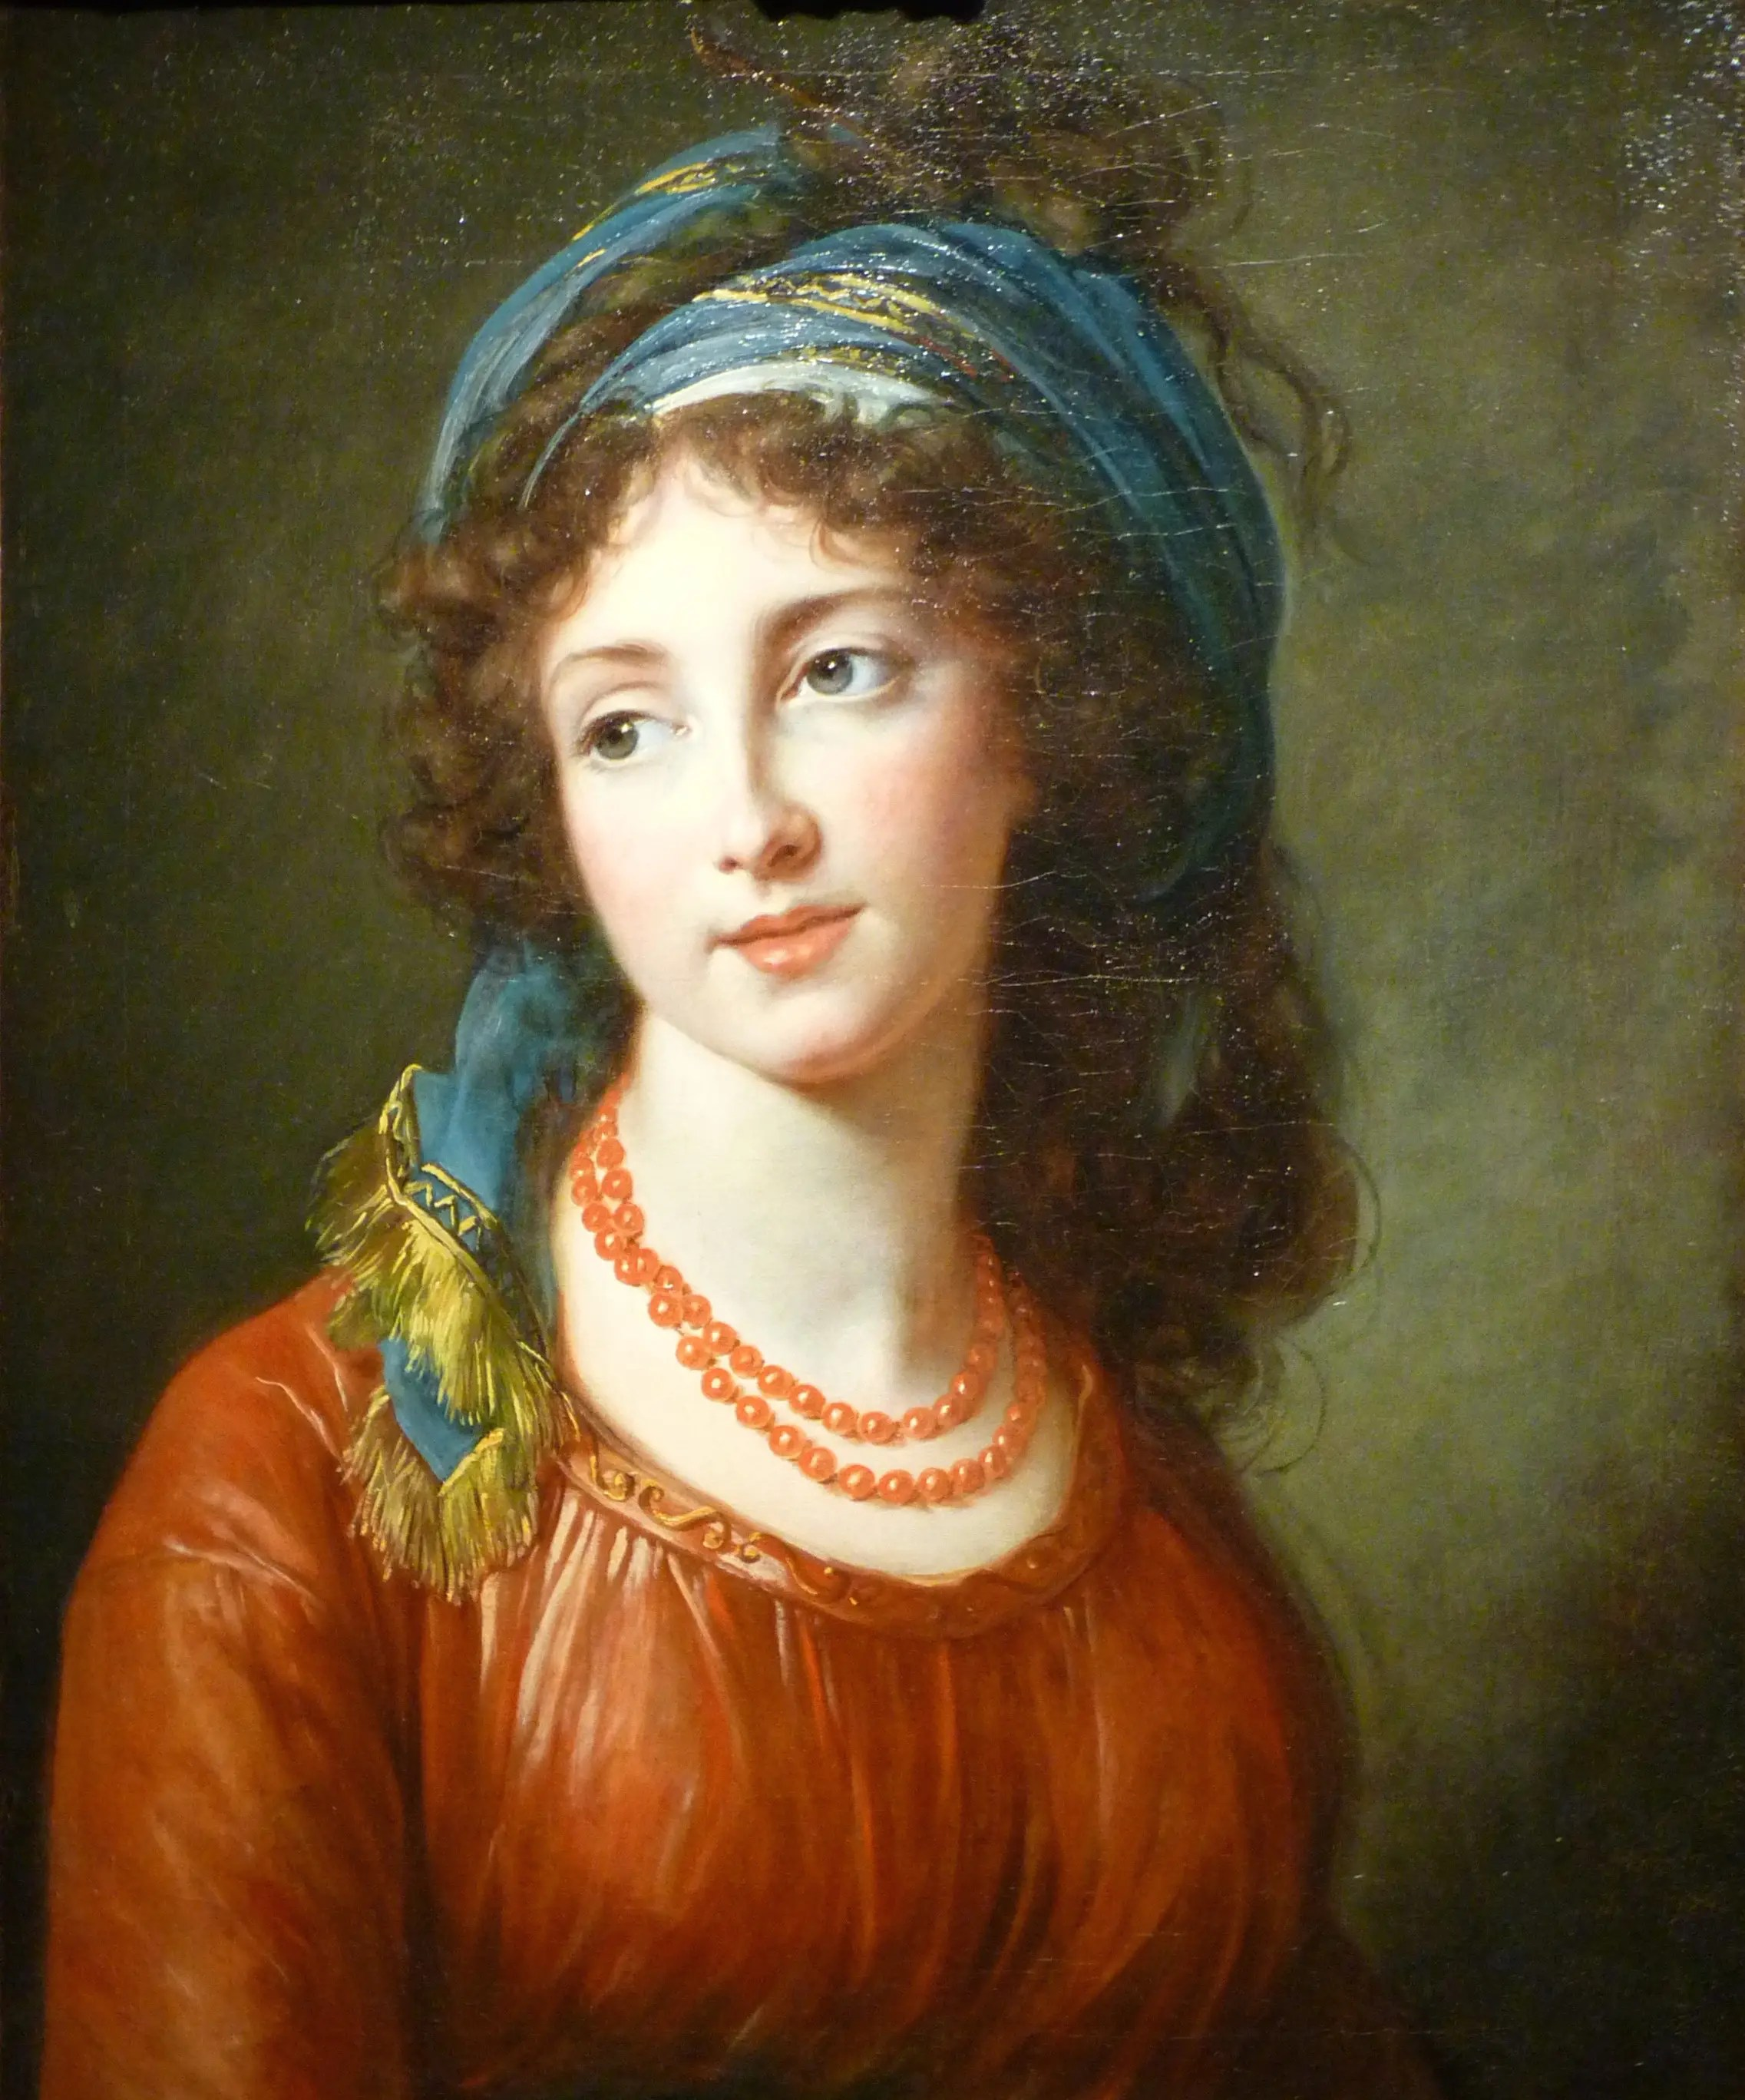 Louise de Polastron, Ange rédempteur du comte d'Artois | Plume d'histoire